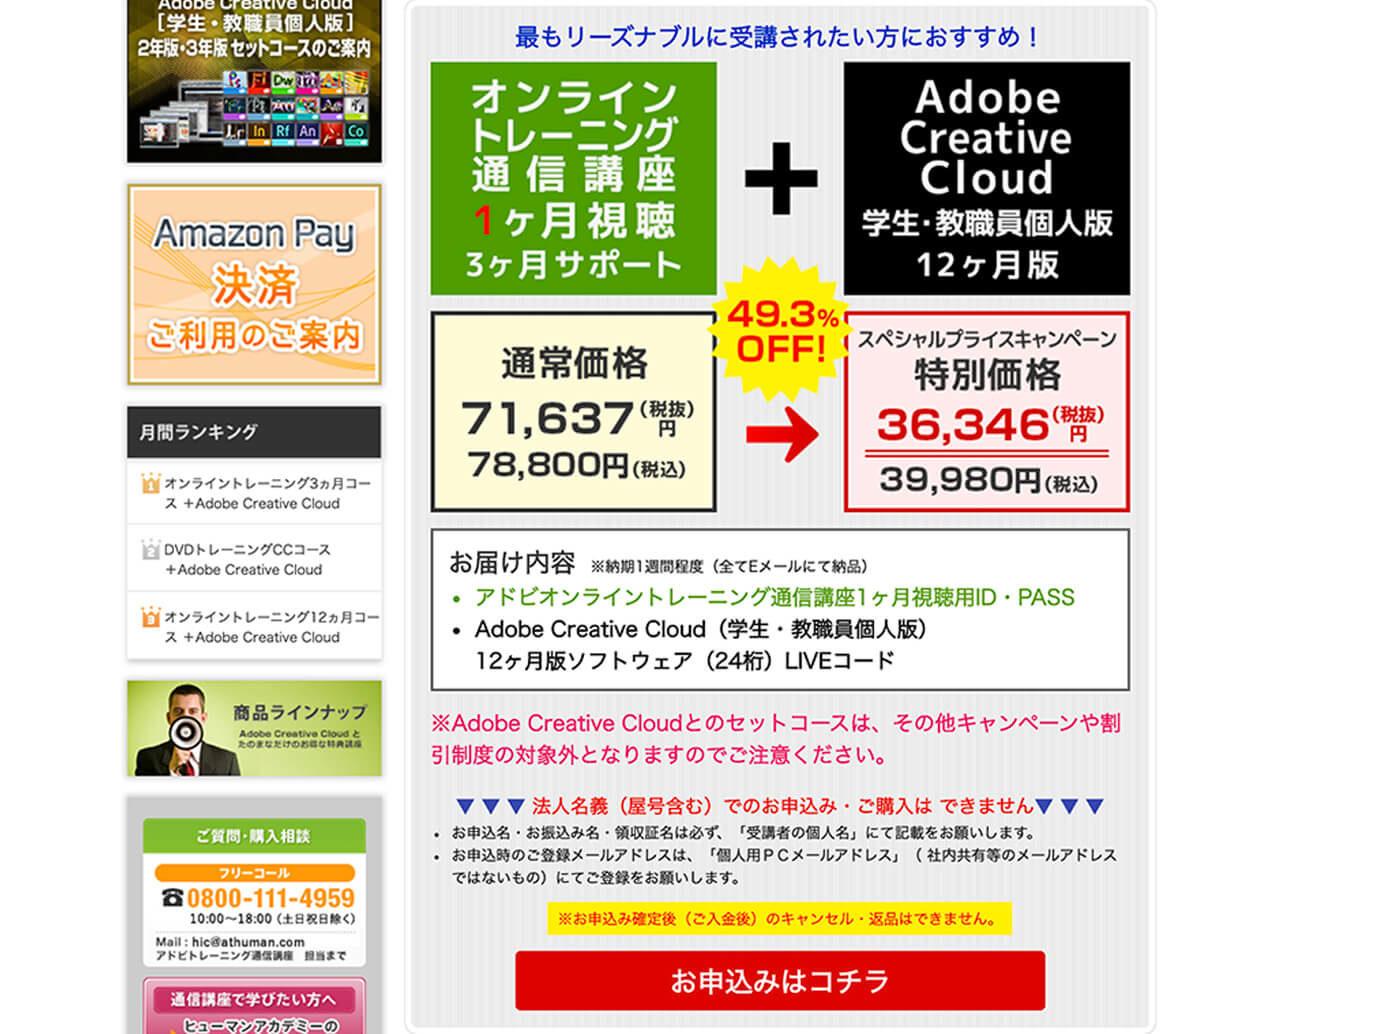 Adobeのソフトを安く入手する方法